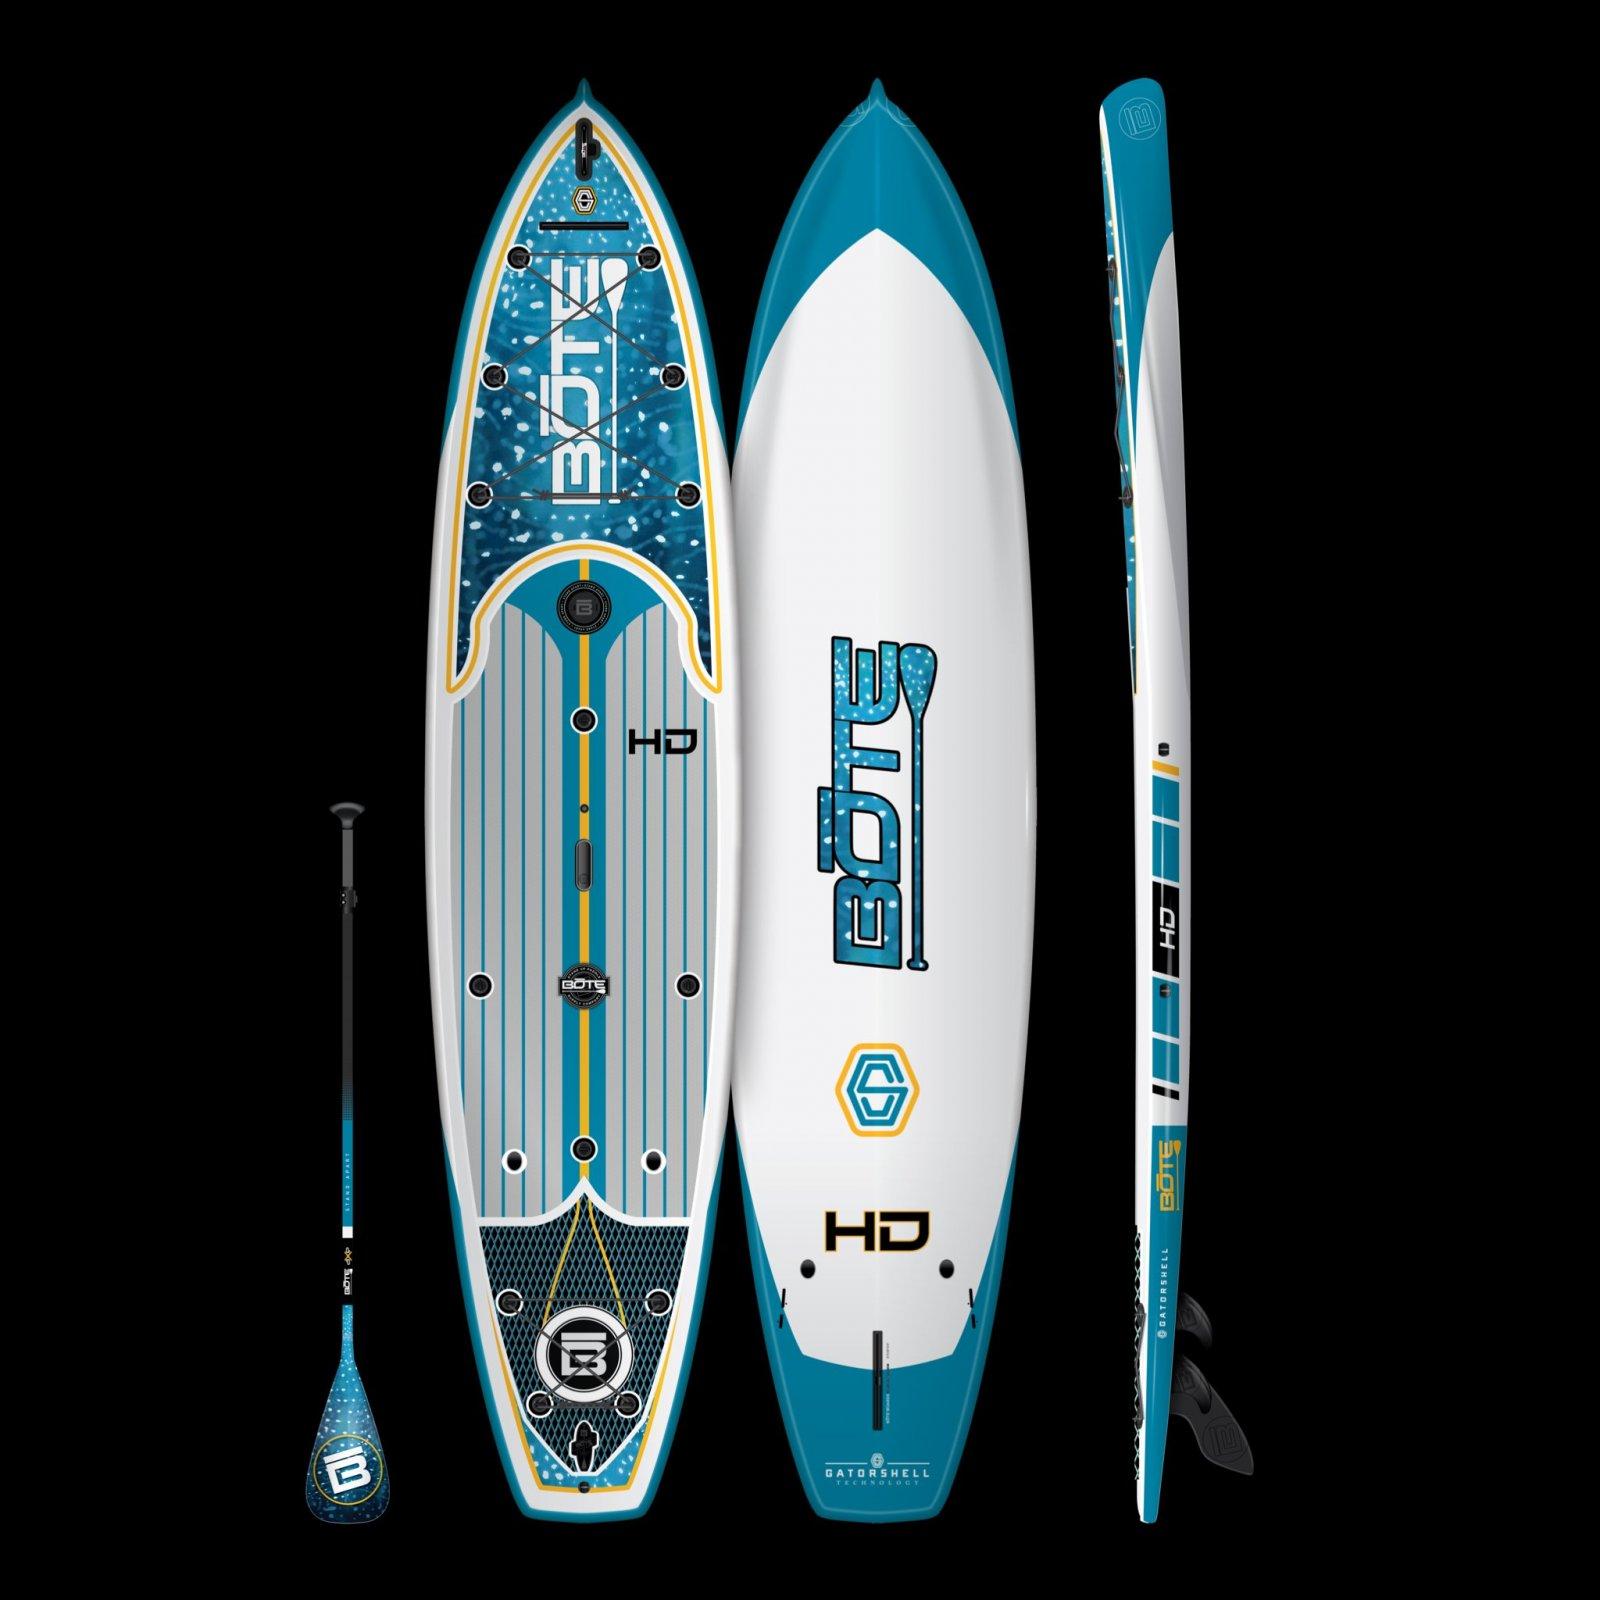 Bote HD 12'